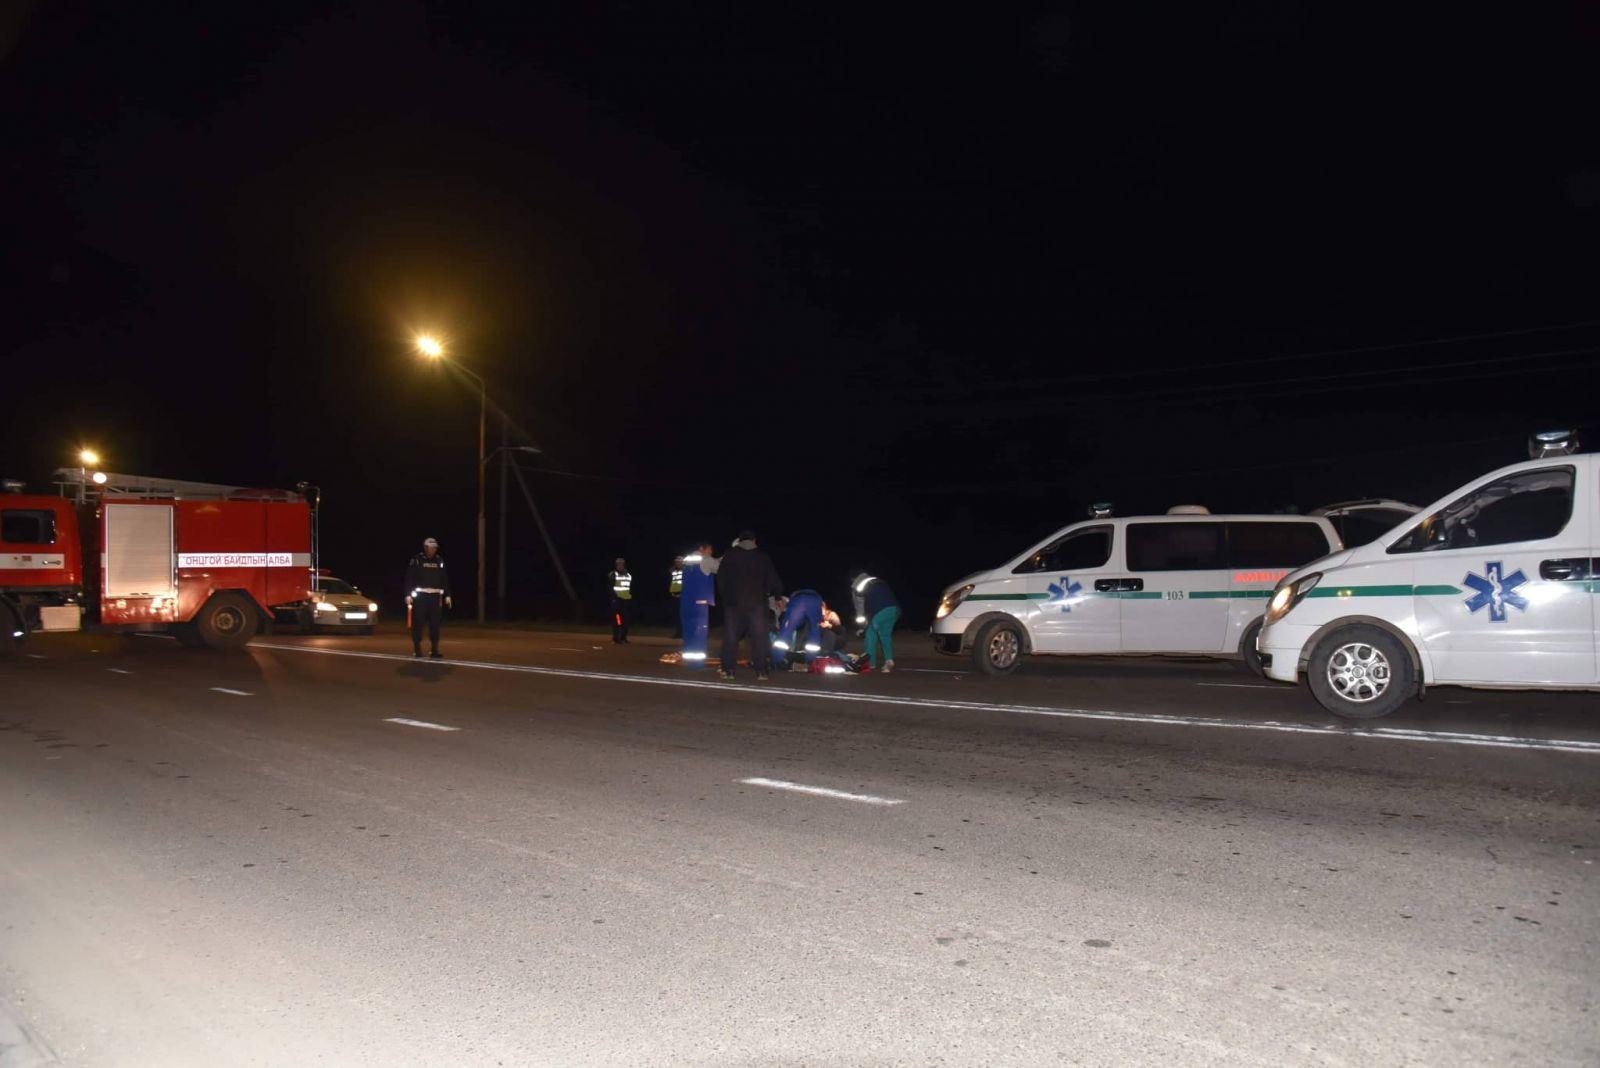 69938198_899886883703122_5133175067697479680_n Дрифт хийж байсан машин осолдож хоёр эмэгтэй, нэг эрэгтэй нас баржээ